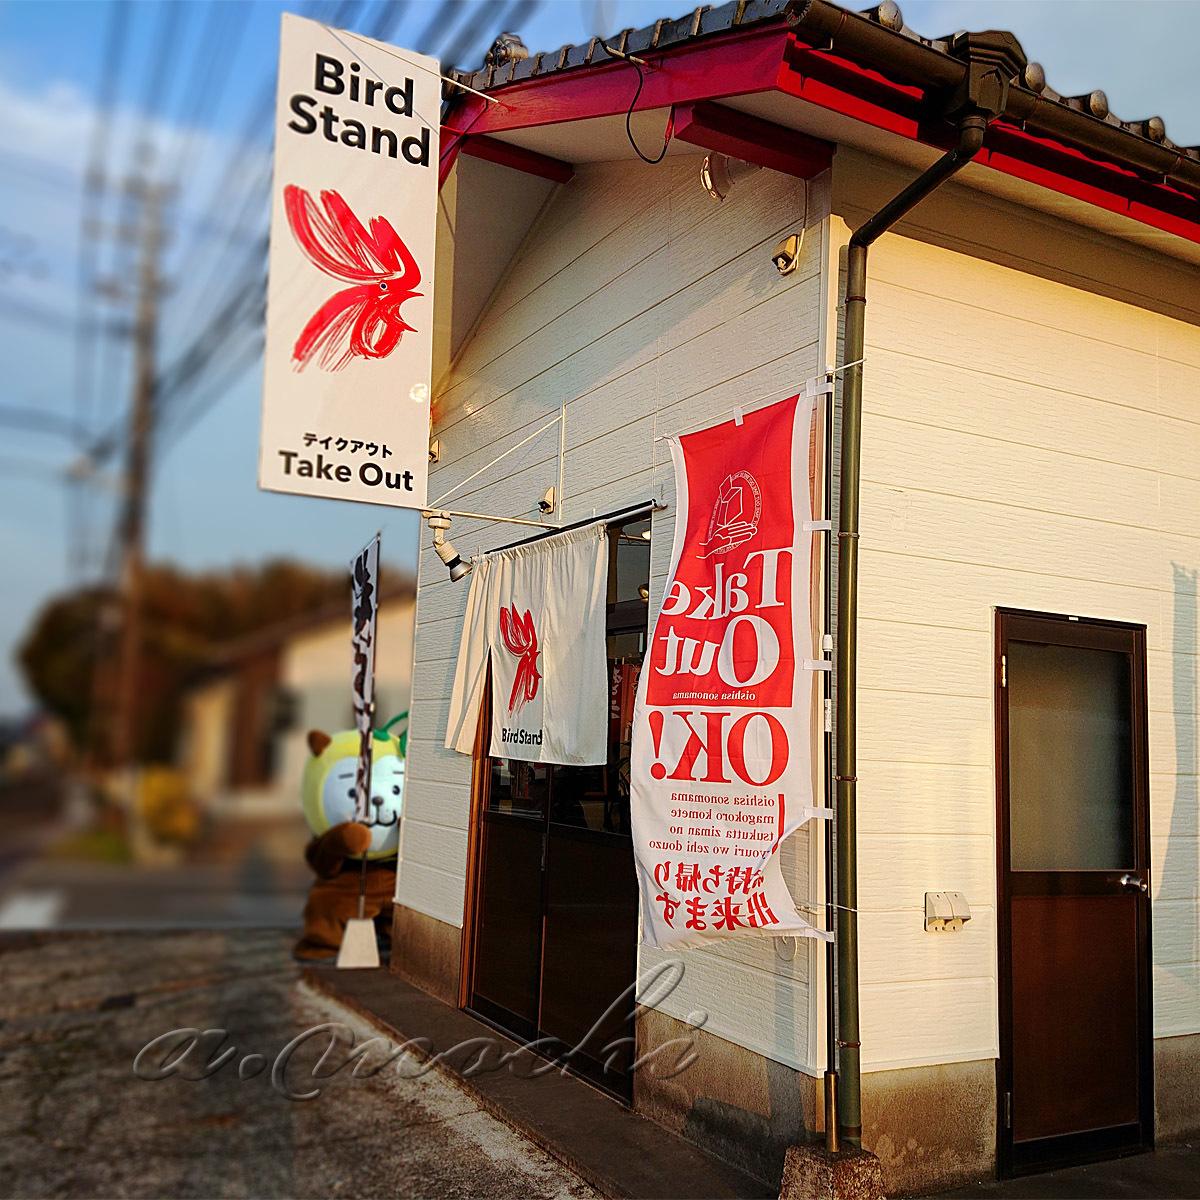 birdstand_shop.jpg